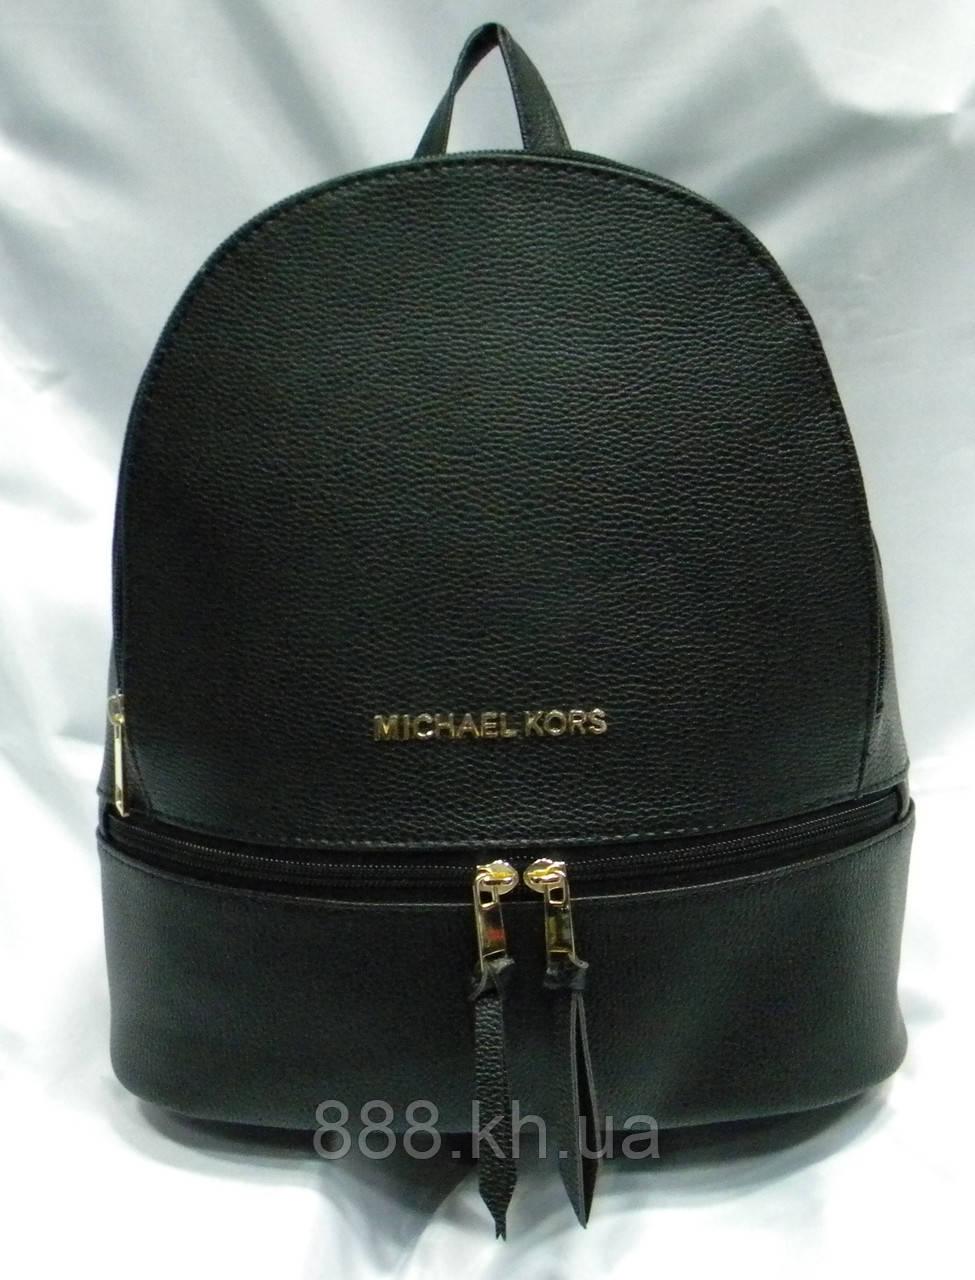 Стильный кожаный женский рюкзак Michael Kors, рюкзак для девочки, городской рюкзак черный не оригинал